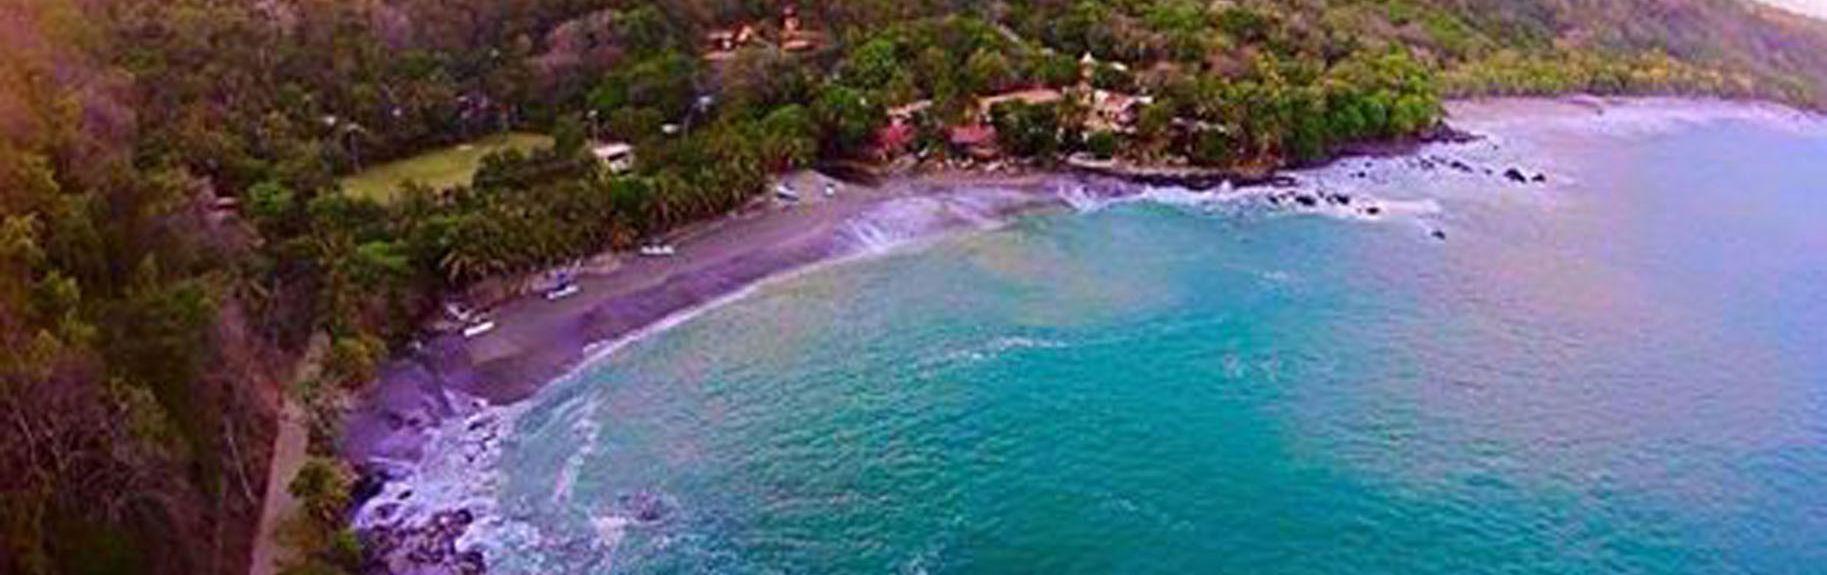 Santa Teresa Beach, Cobano, Puntarenas (province), Costa Rica